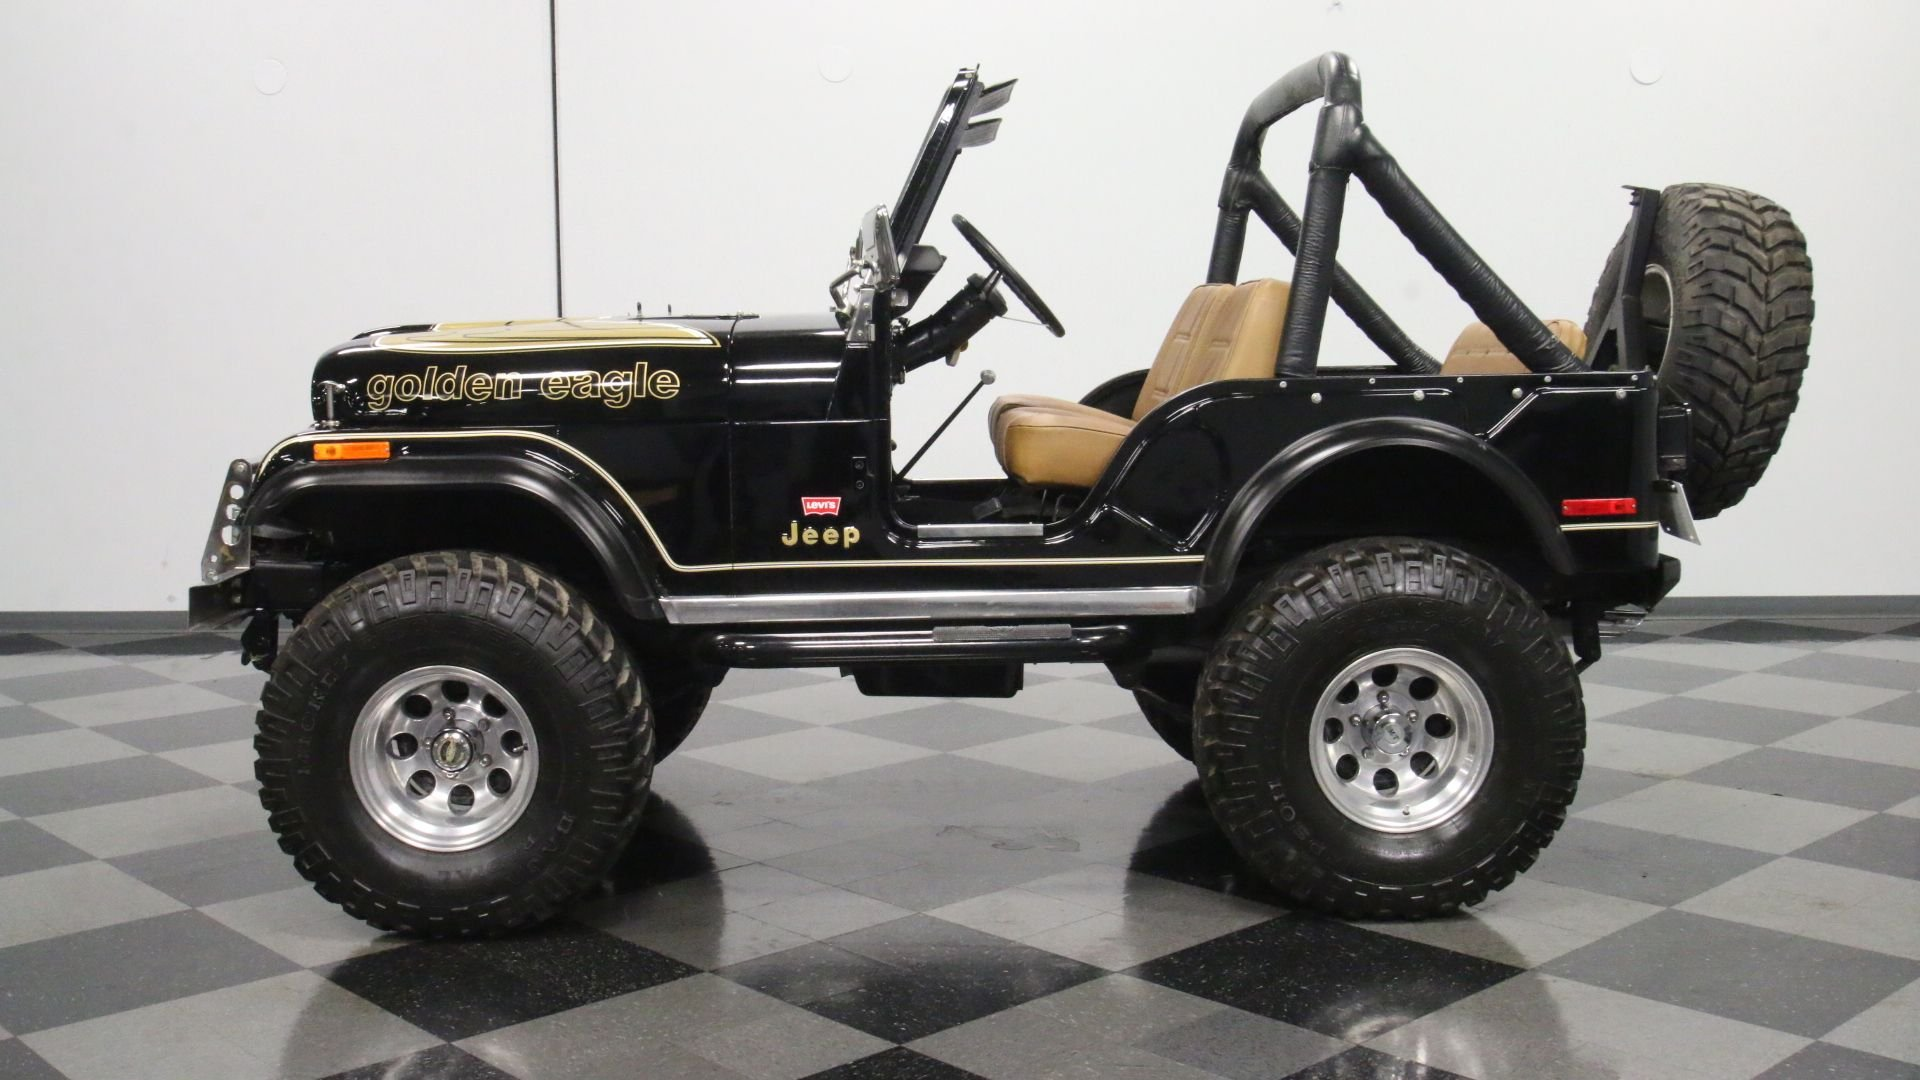 1976 jeep cj5 golden eagle tribute